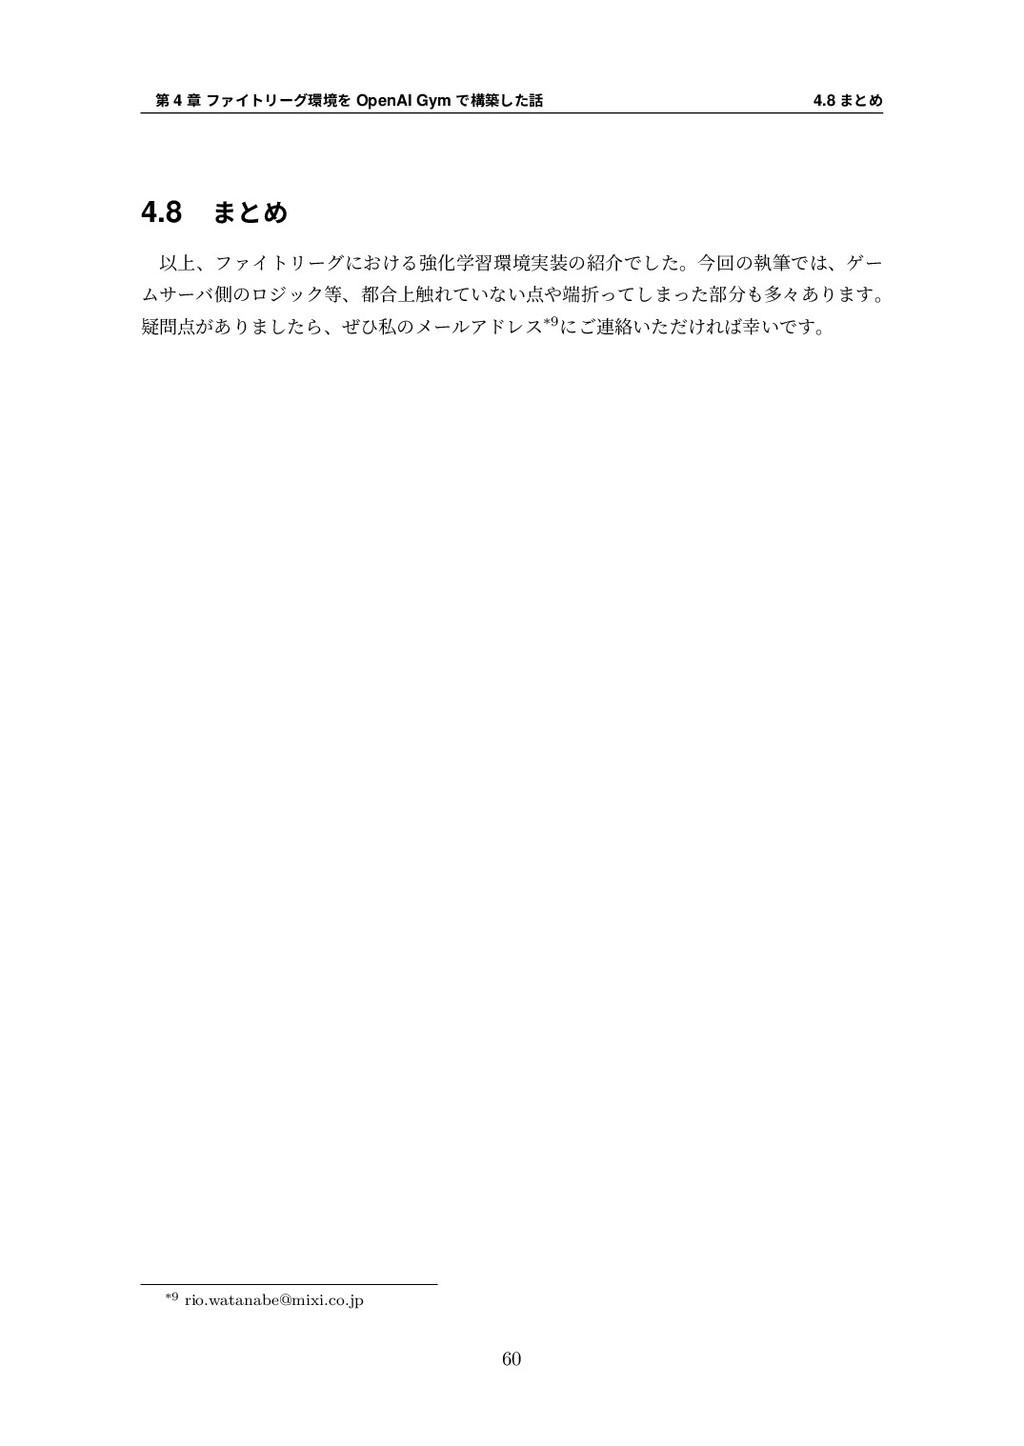 第 4 章 ファイトリーグ環境を OpenAI Gym で構築した話 4.8 まとめ 4.8 ...